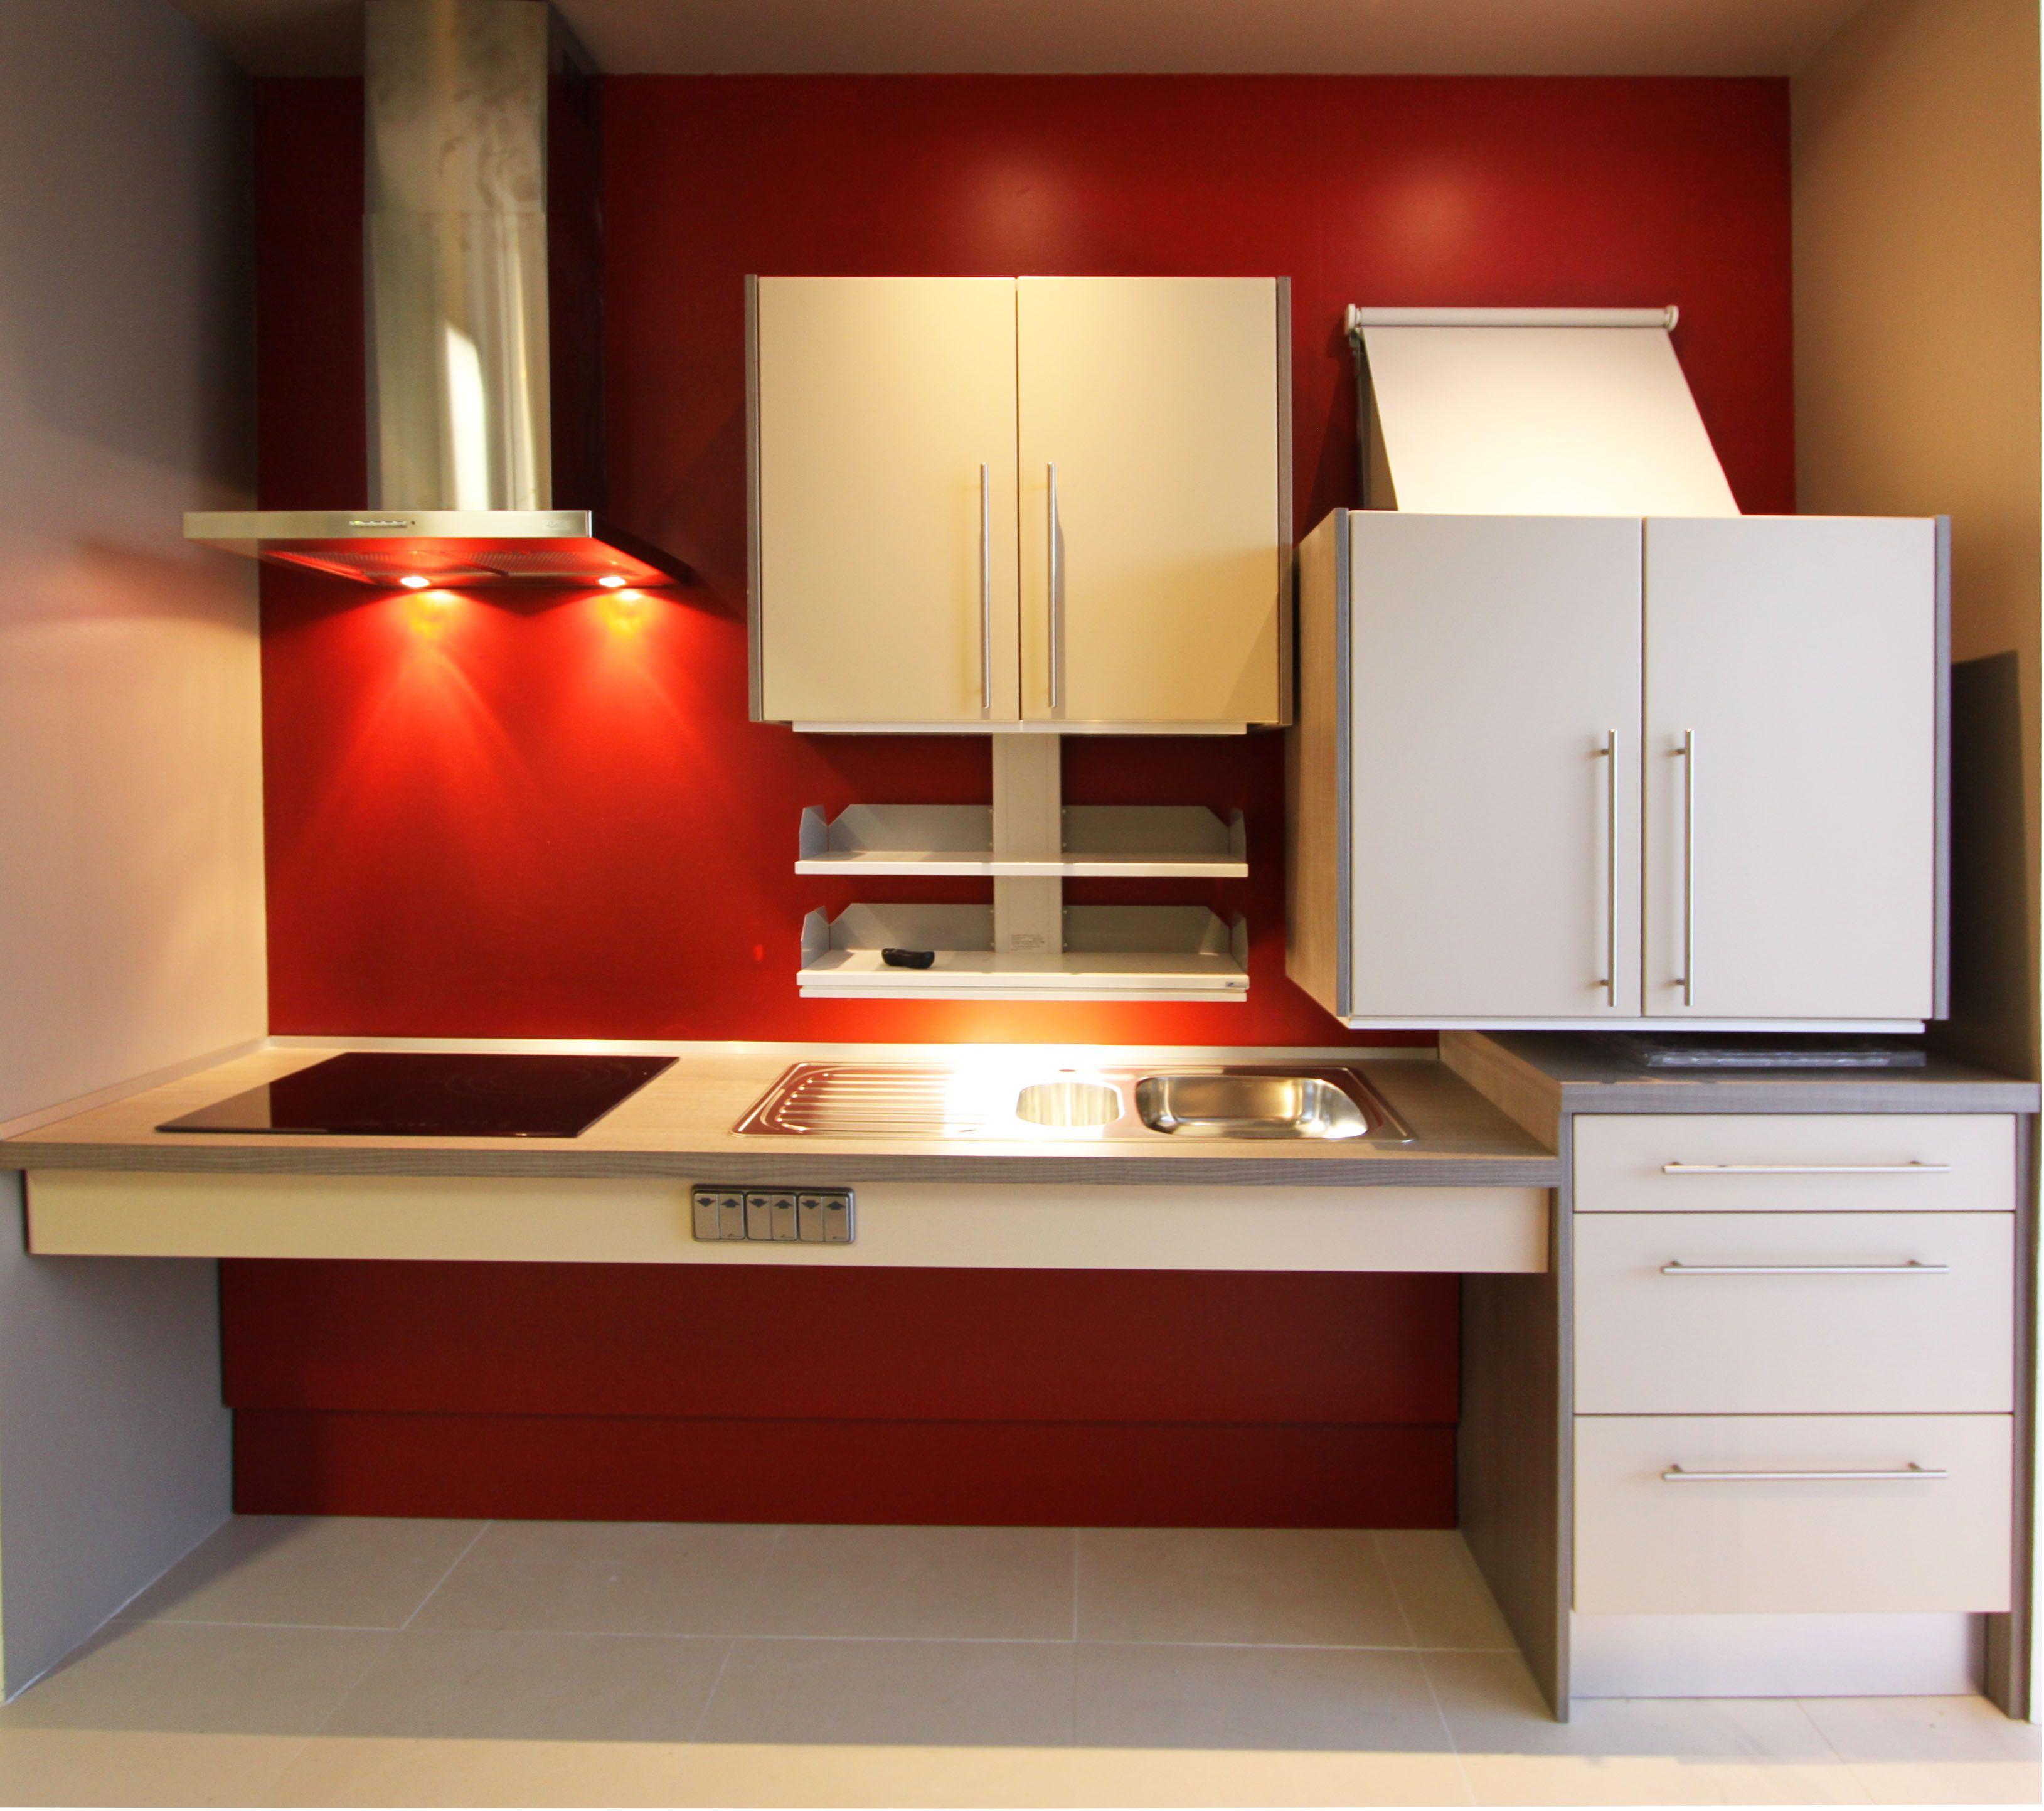 Cuisine ergonomique pmr our personne mobilit r duite fabrimeuble fabrication fran aise for Fabricant cuisine design